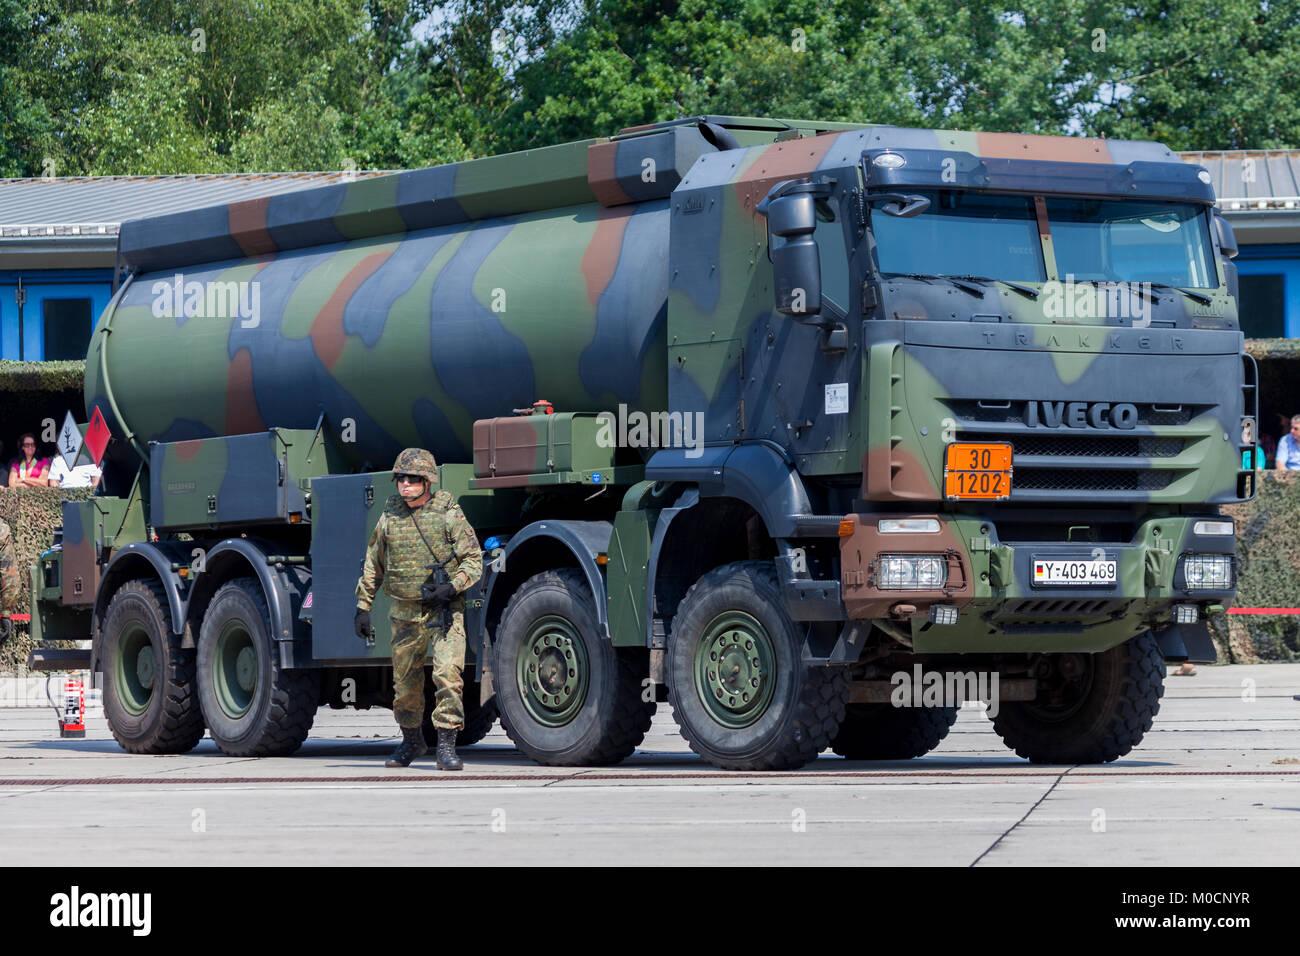 BURG / ALEMANIA - Junio 25, 2016: el ejército alemán Iveco cisterna 8x8 en la jornada de puertas abiertas Imagen De Stock